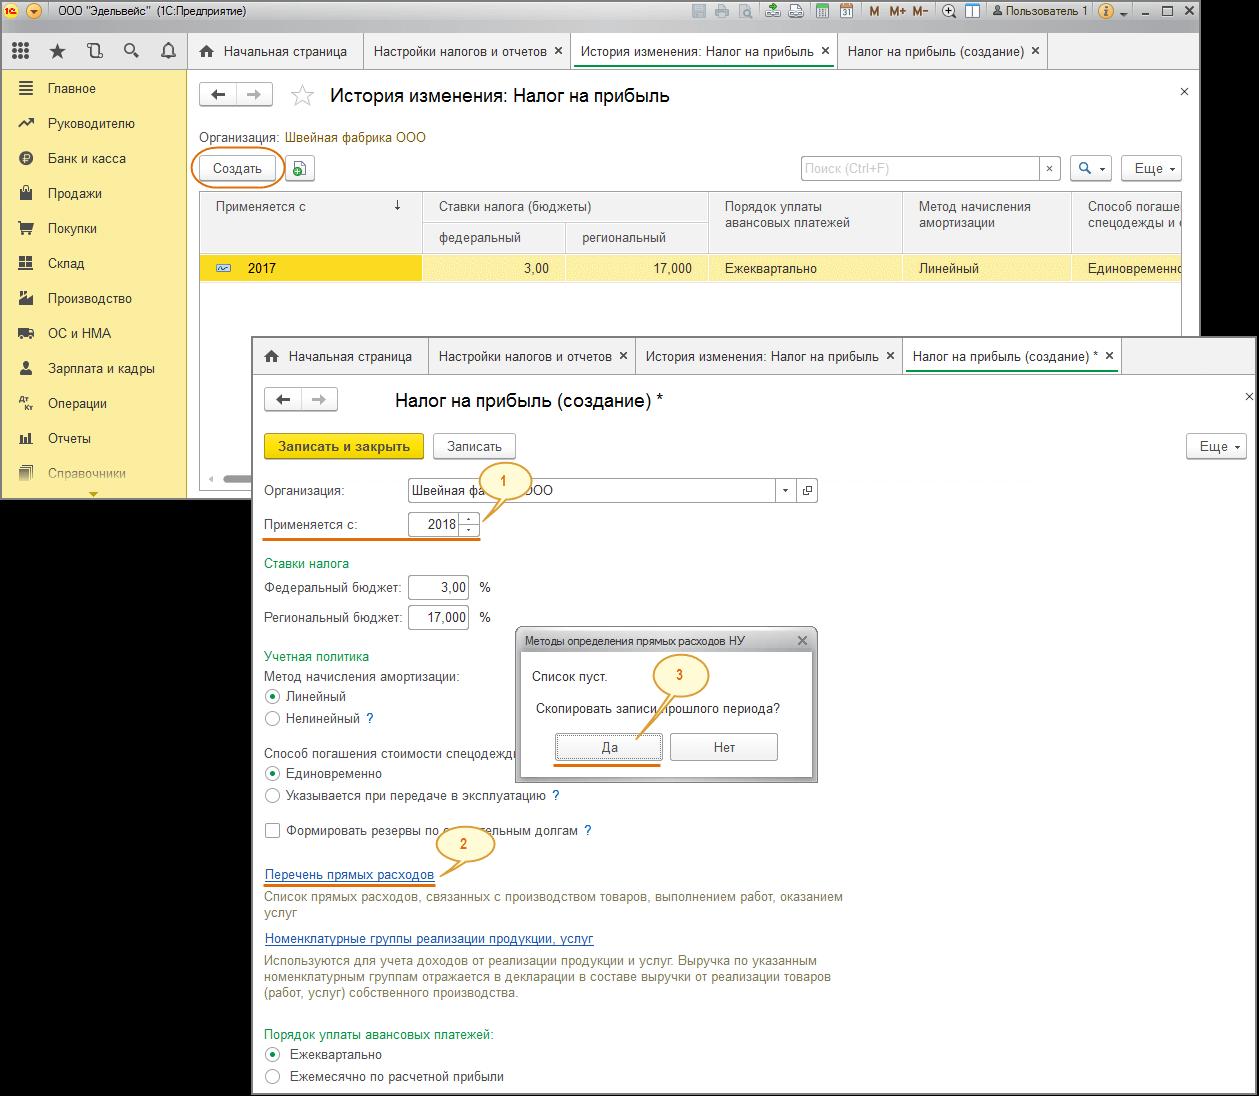 Создание записи на рекомендациях ст. 318 НК РФ